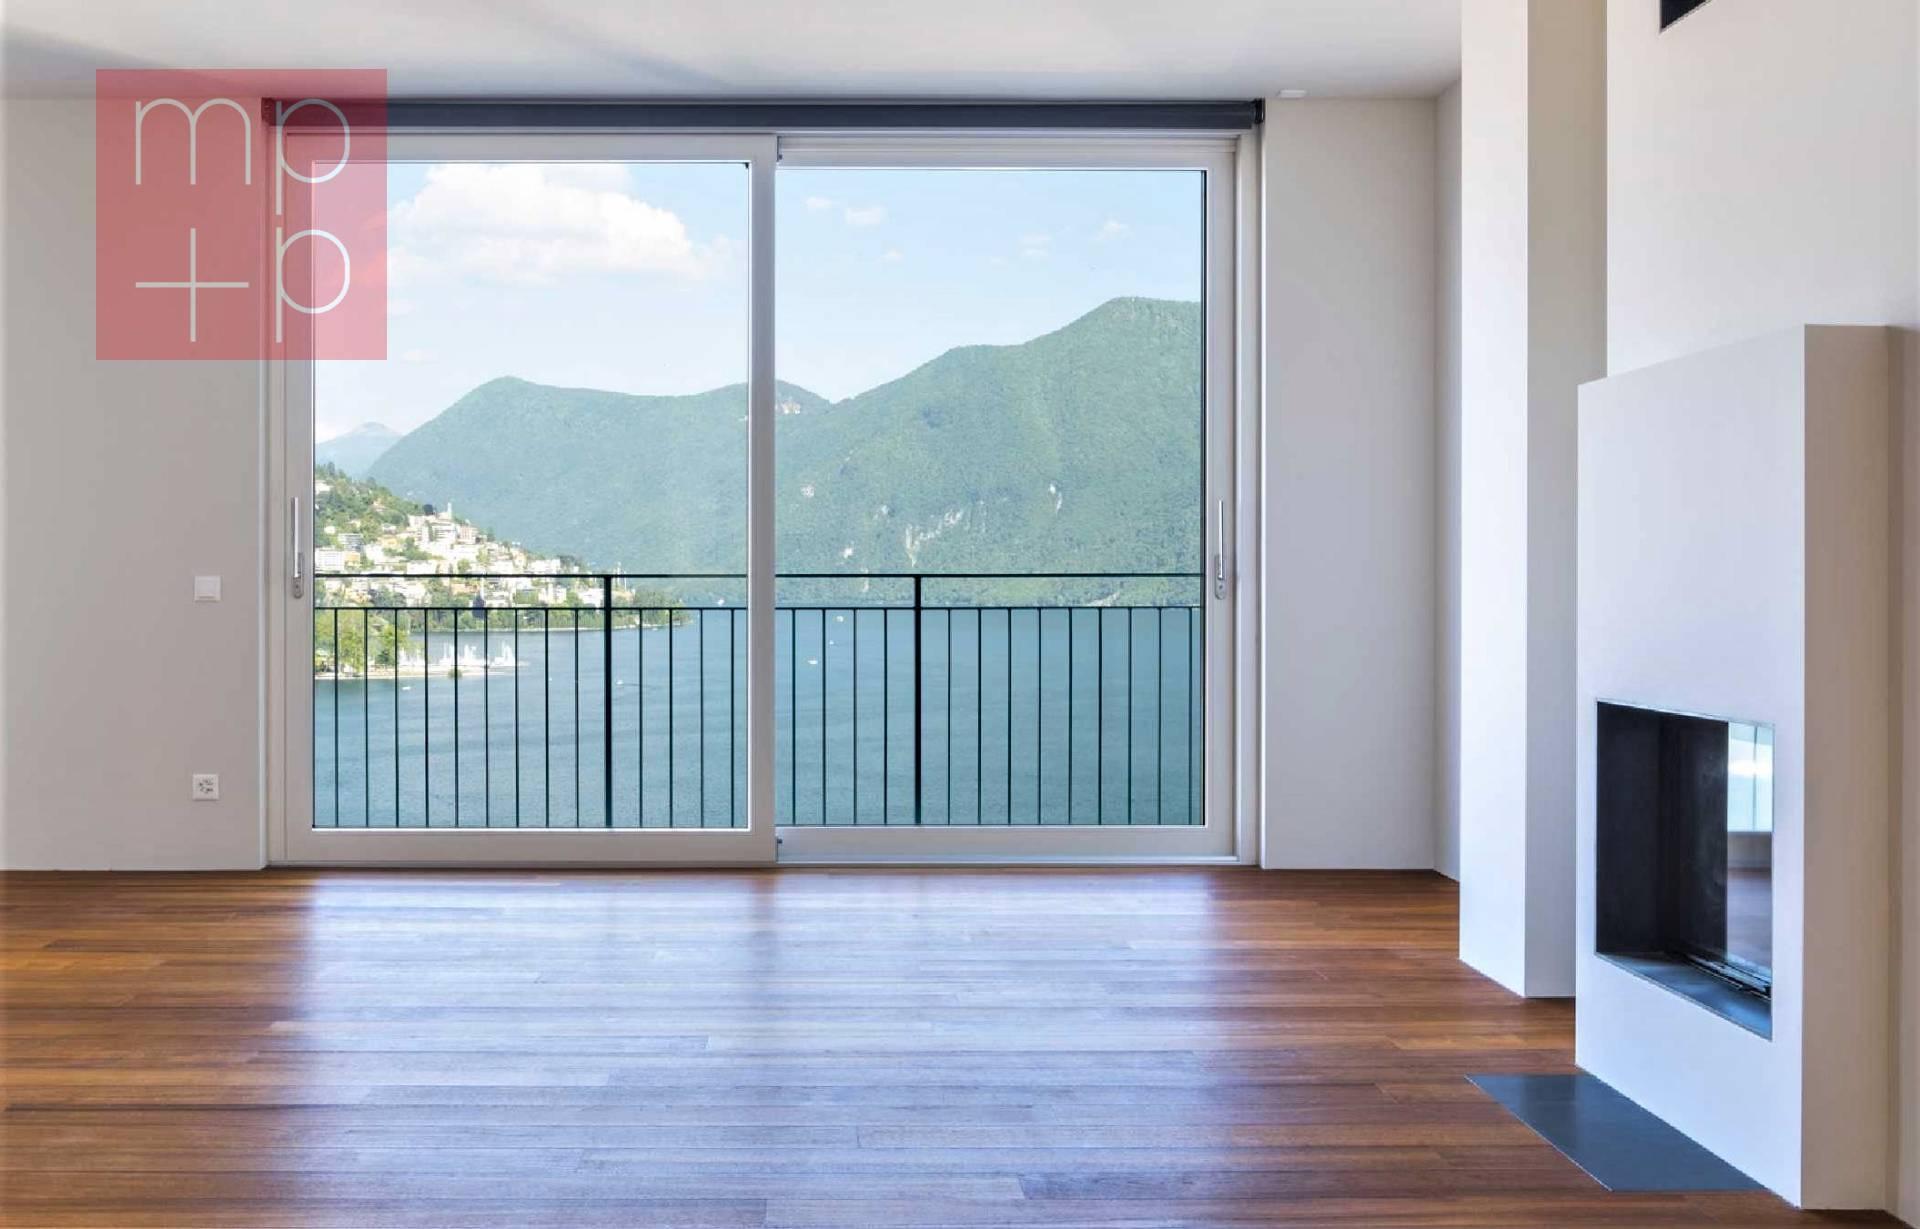 Affitto: appartamento con vista lago